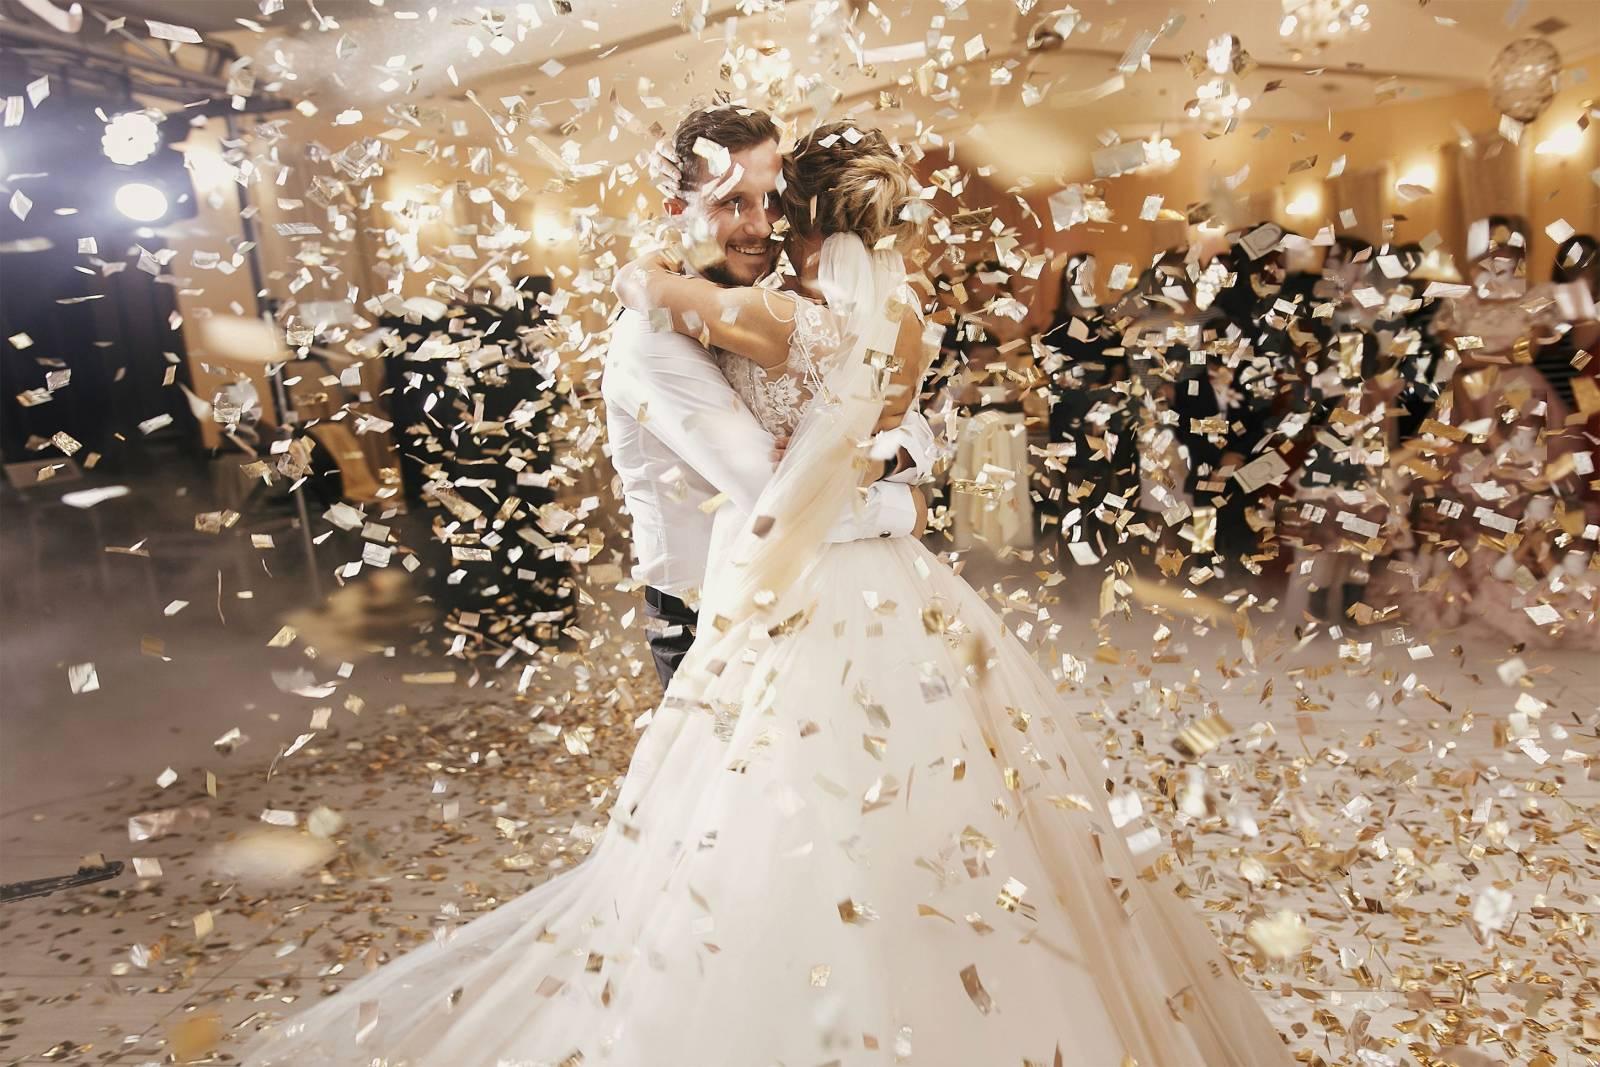 Dansschool LEEZA - Animatie - Dans - House of Weddings - 4